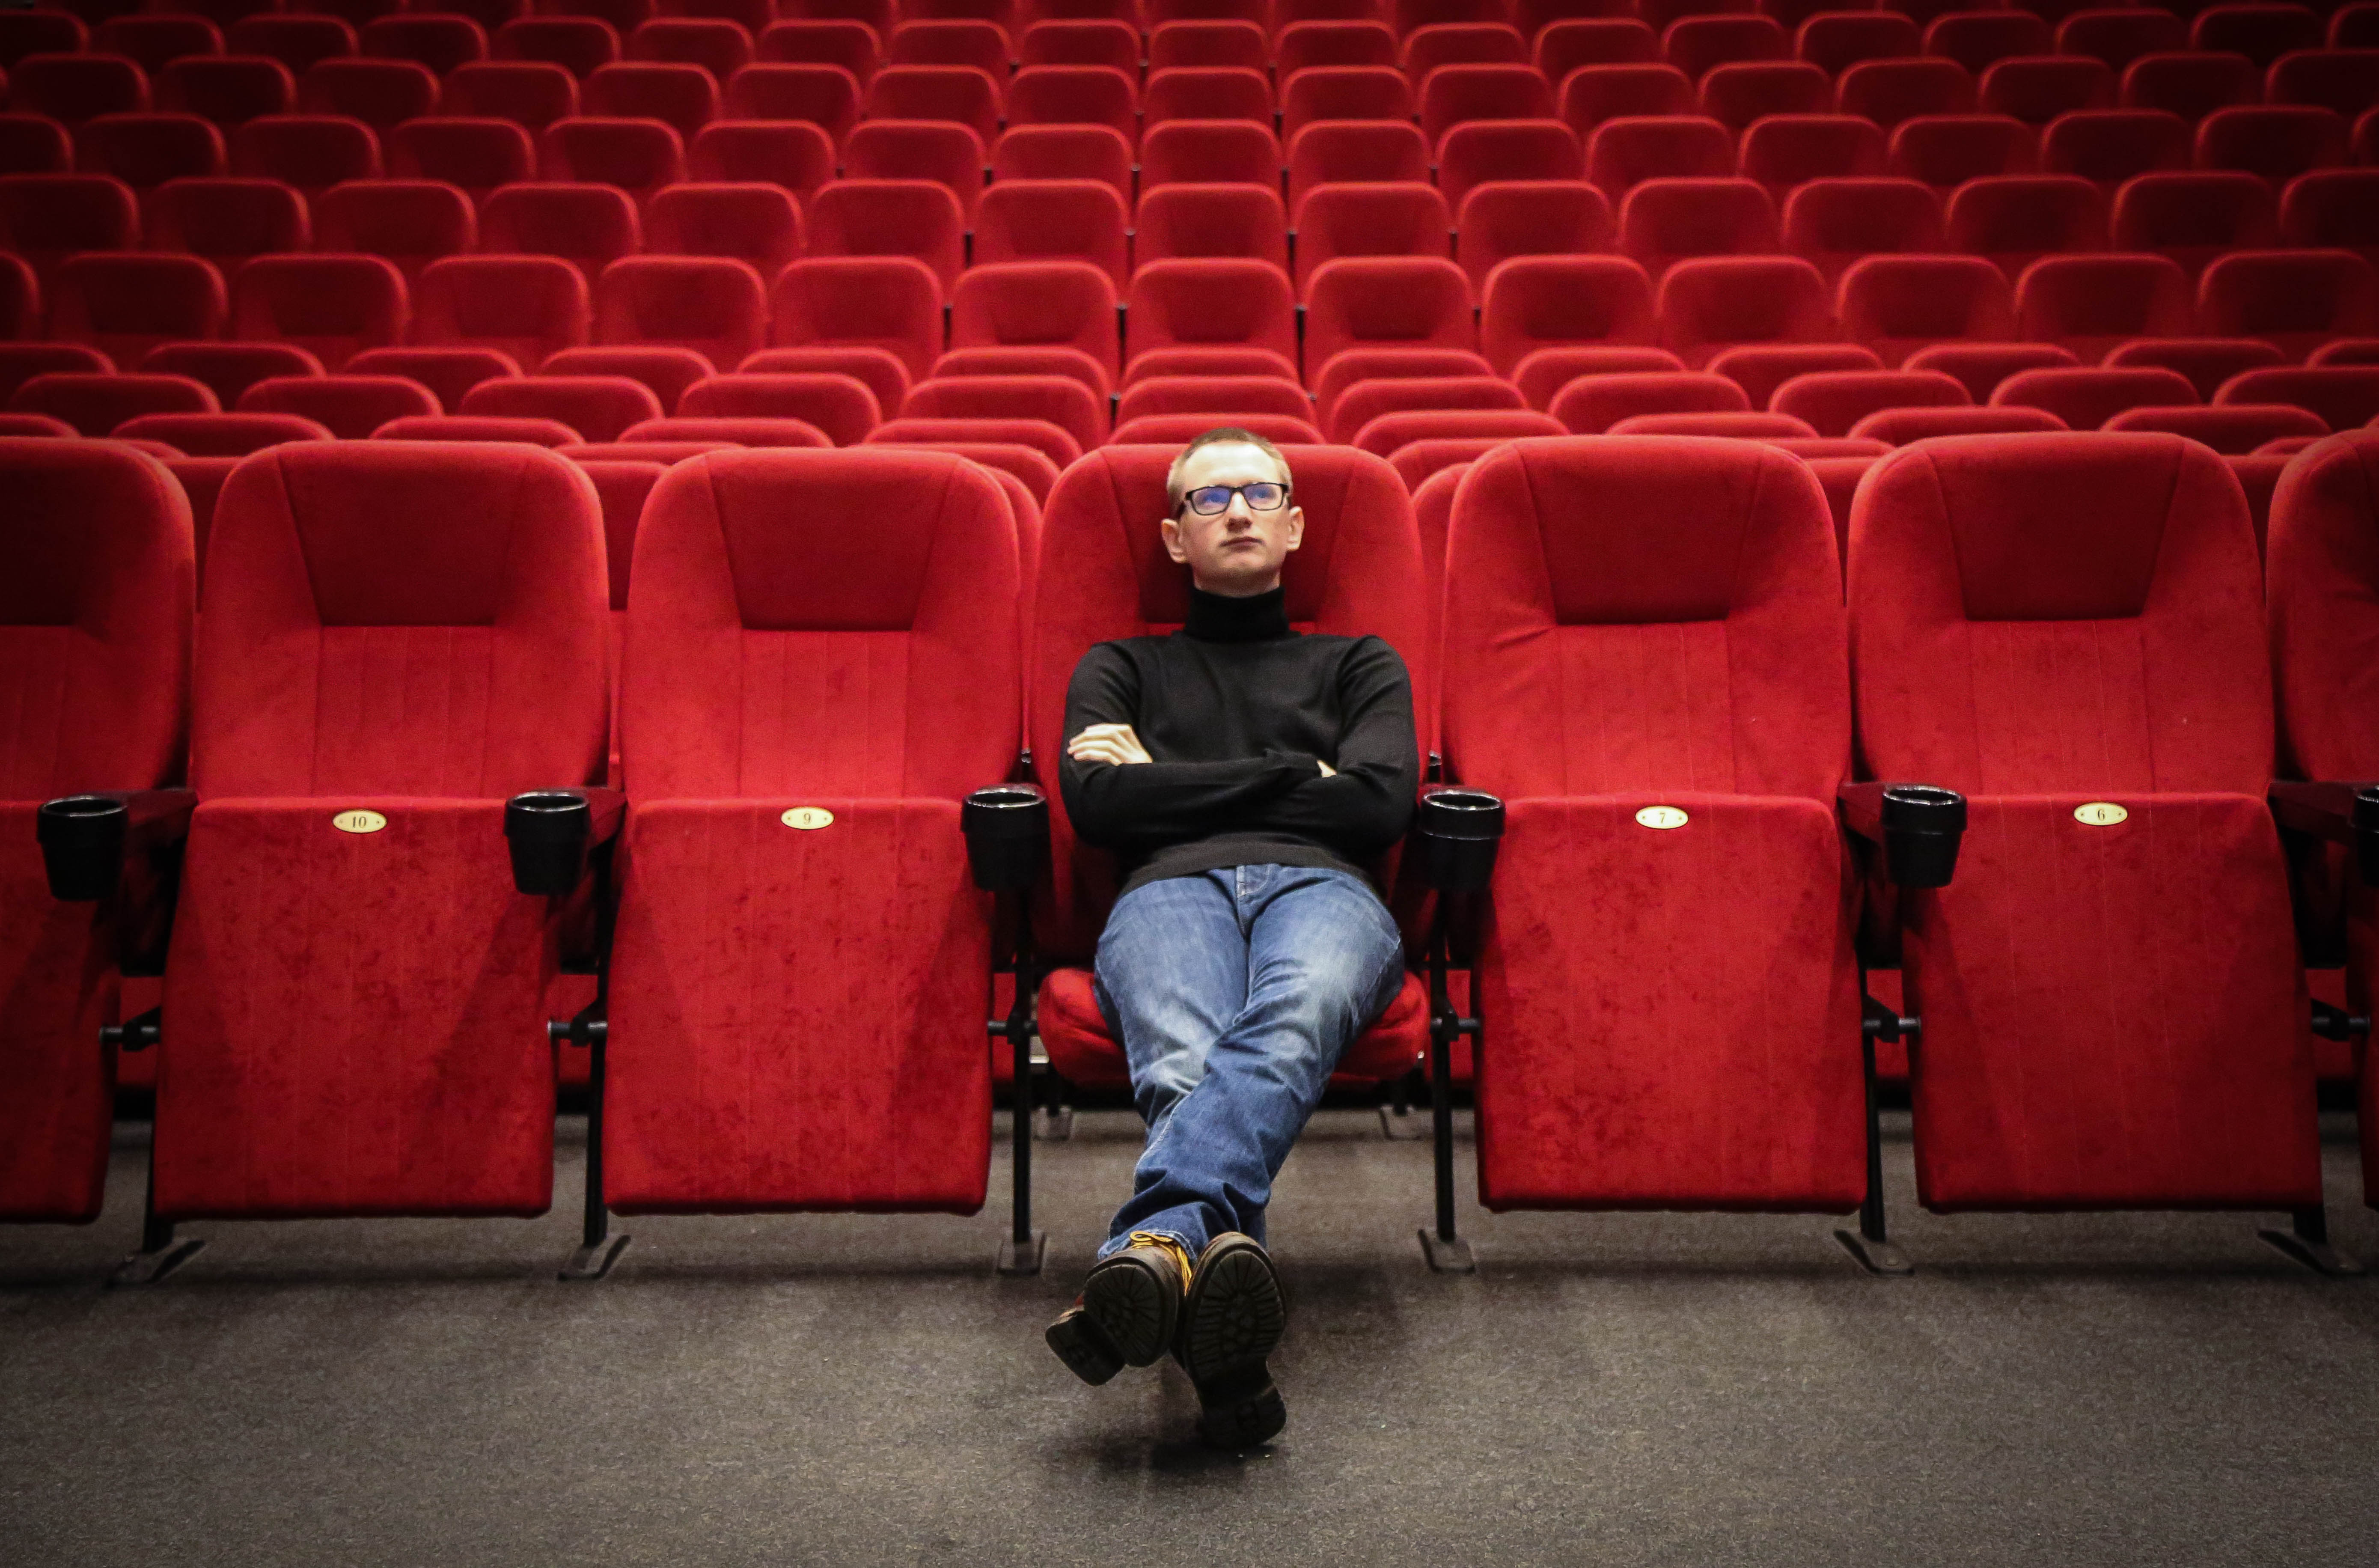 Корней Грицюк: как снять кино без финансирования и попасть в прокат?